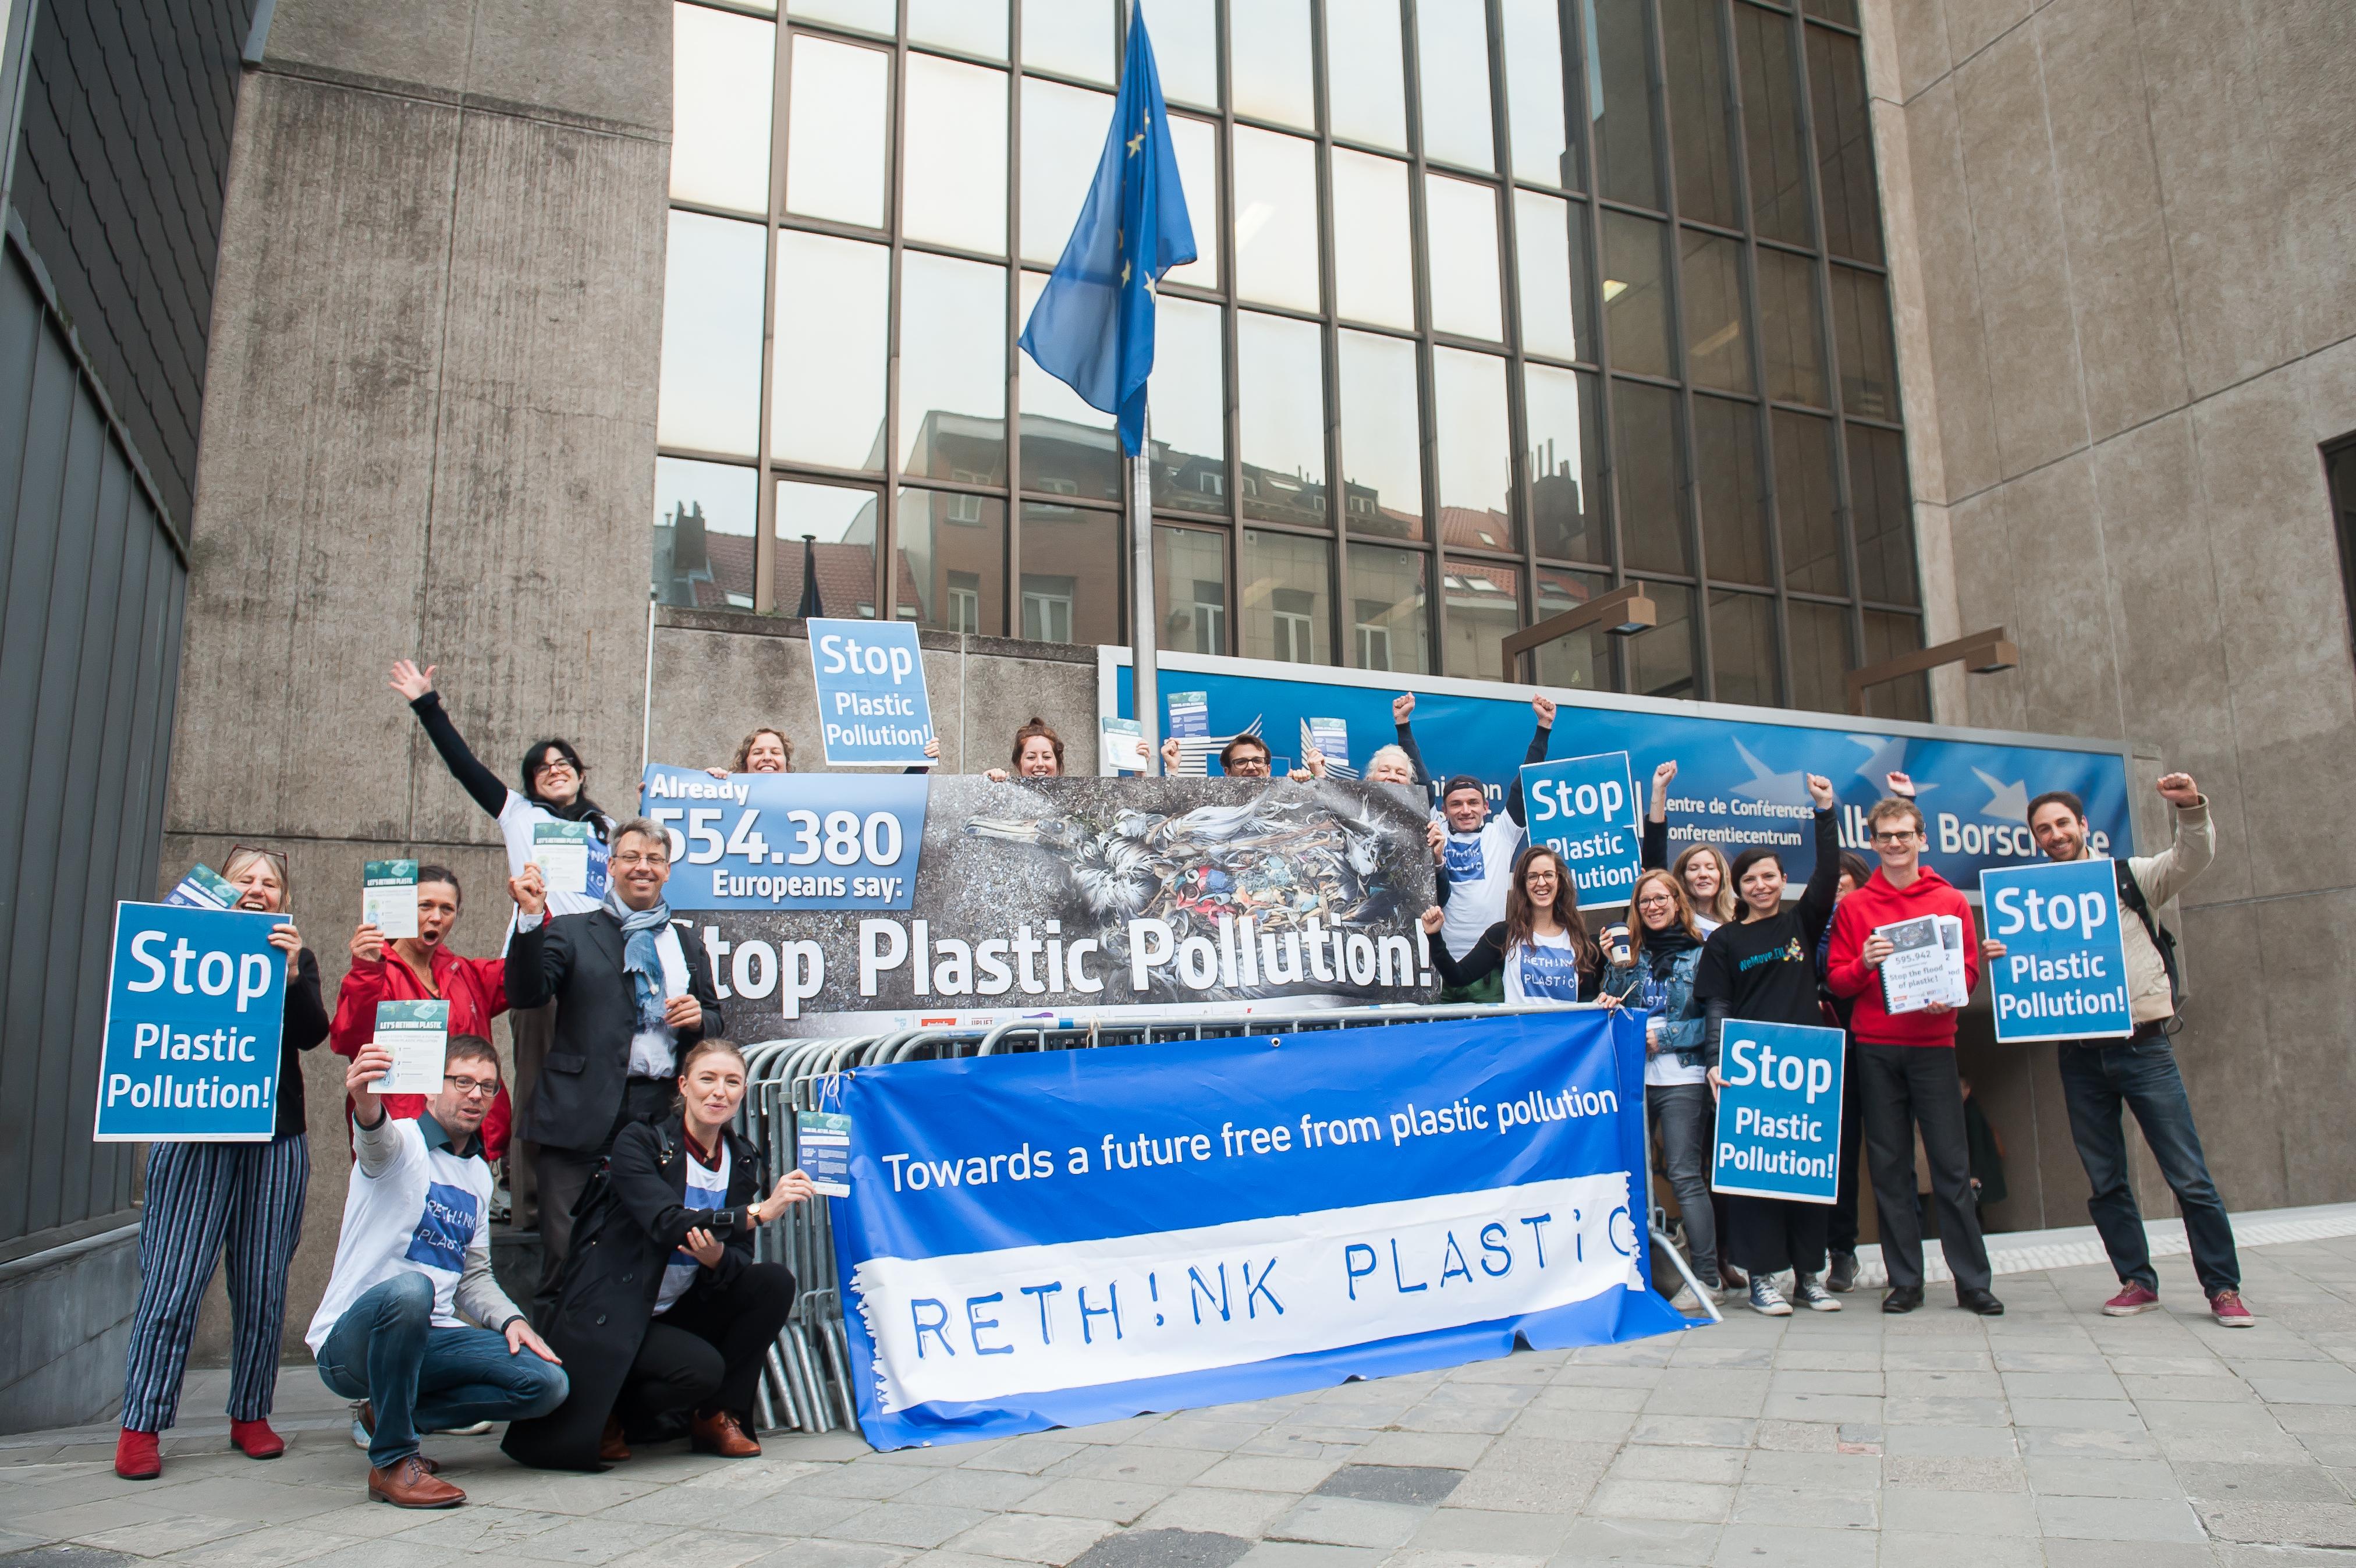 Aktivister fra den europæiske miljøorganisation Rethink Plastic demonstrerer foran EU-Kommissionen inden vedtagelsen af plastikforbuddet. Foto: CCBY campact